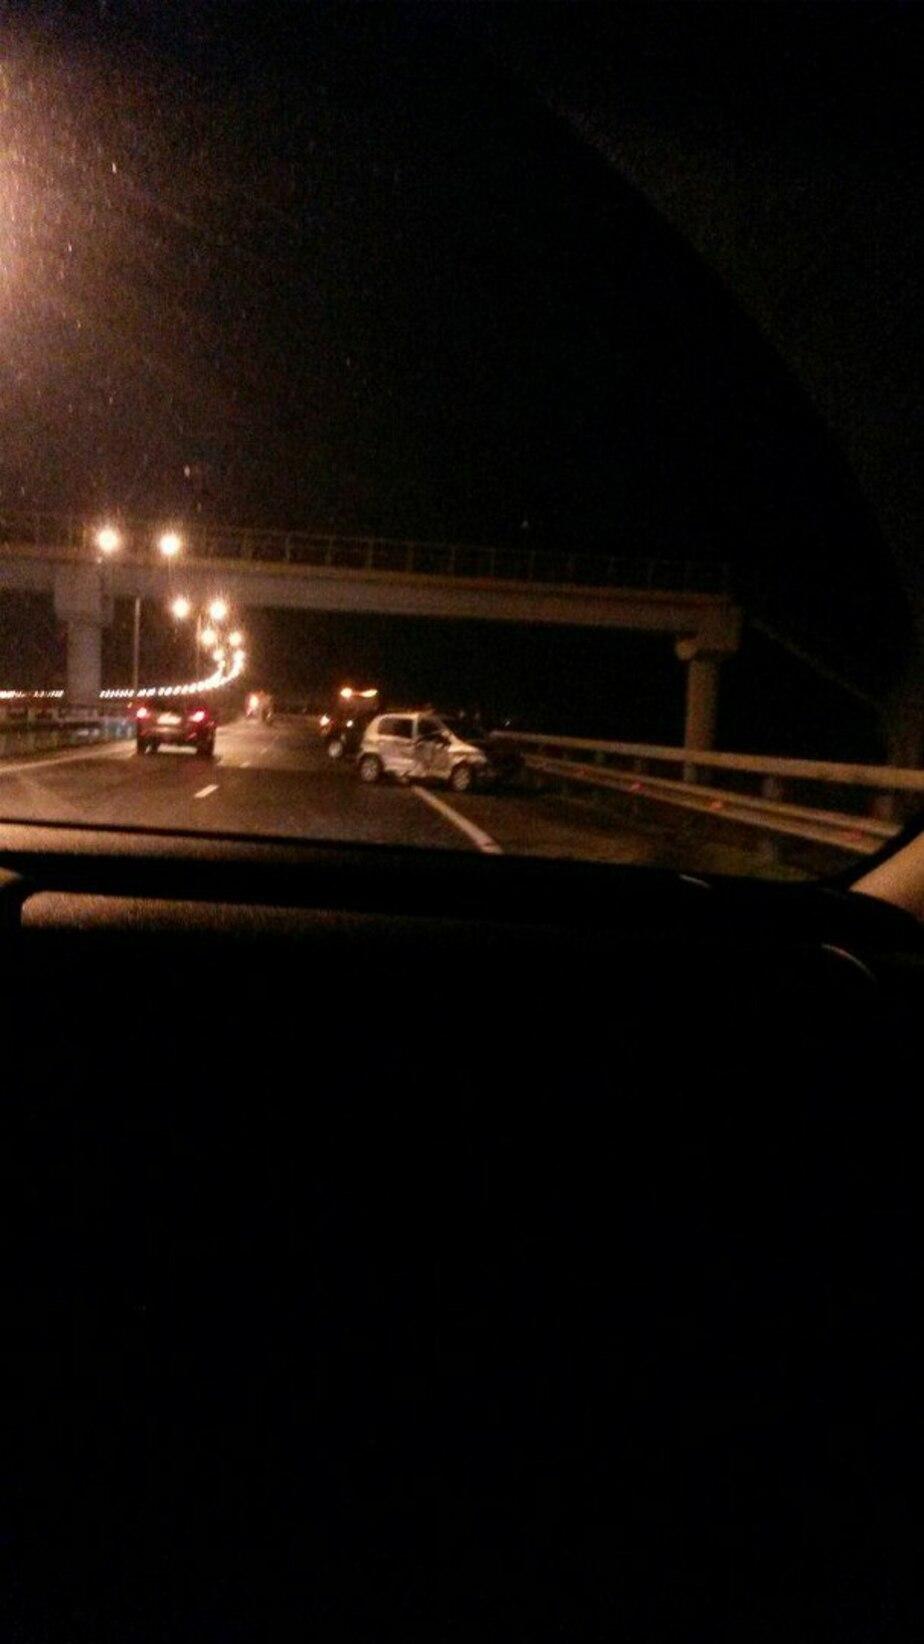 Водители: гололед на калининградских дорогах стал причиной многочисленных ДТП - Новости Калининграда